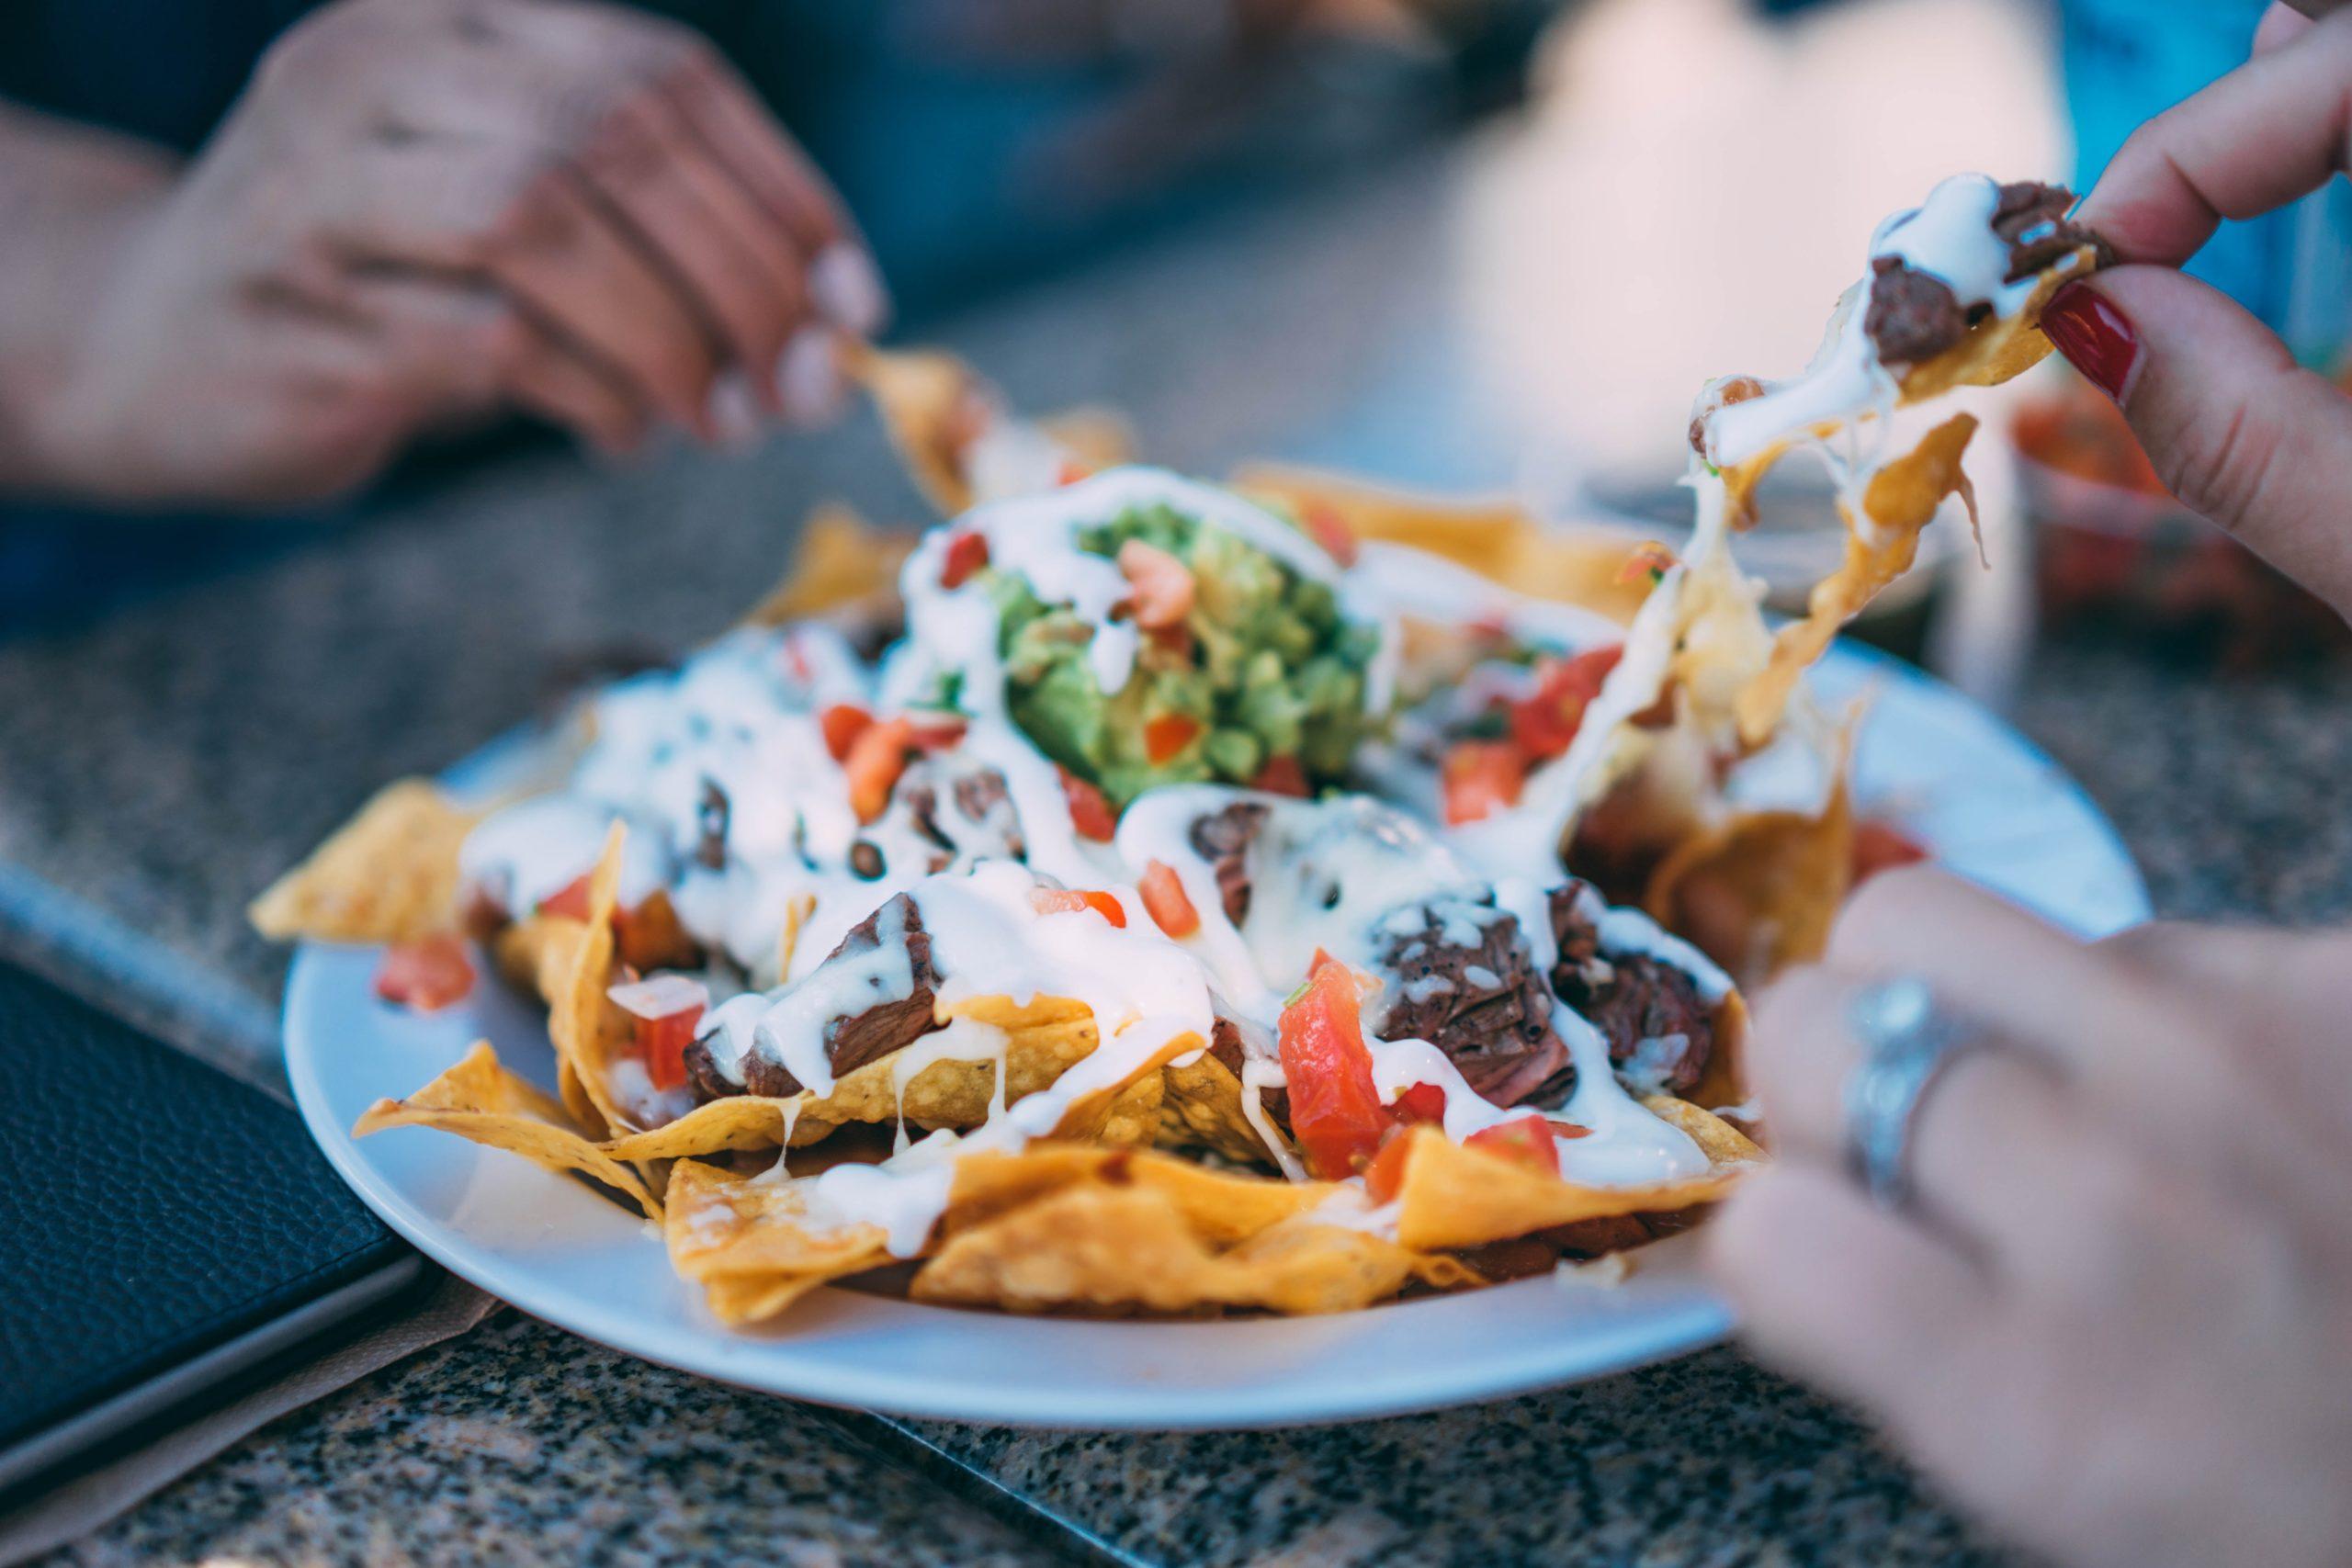 美國營養師「最強懶人減肥法」!遵守這15個方法擊退肥胖!